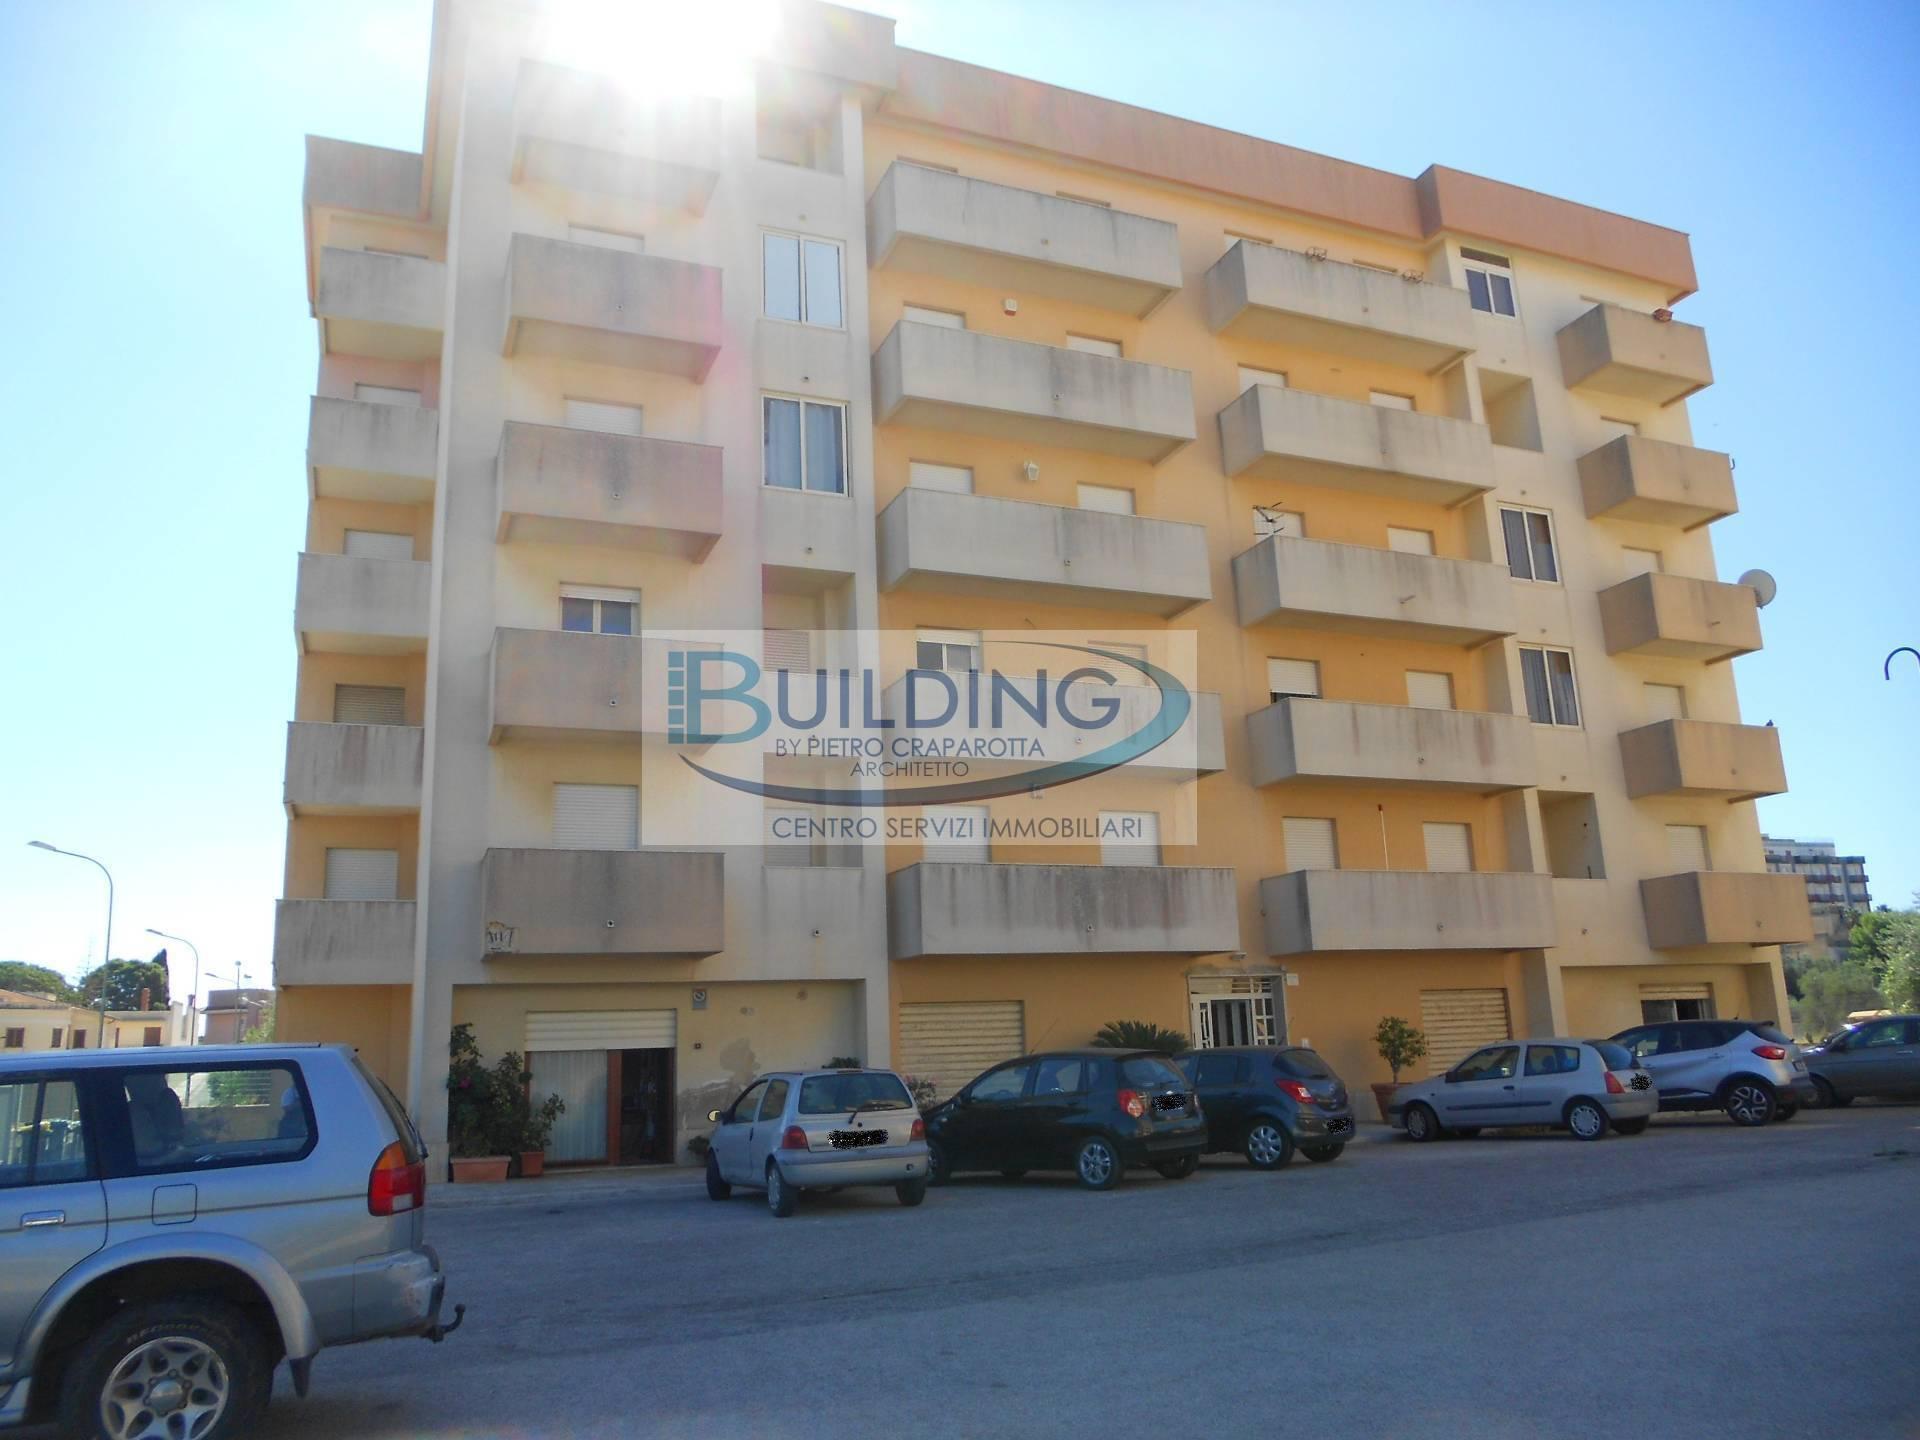 Appartamento in vendita a Castelvetrano, 7 locali, zona Località: CastelvetranoCittà, prezzo € 78.000   PortaleAgenzieImmobiliari.it